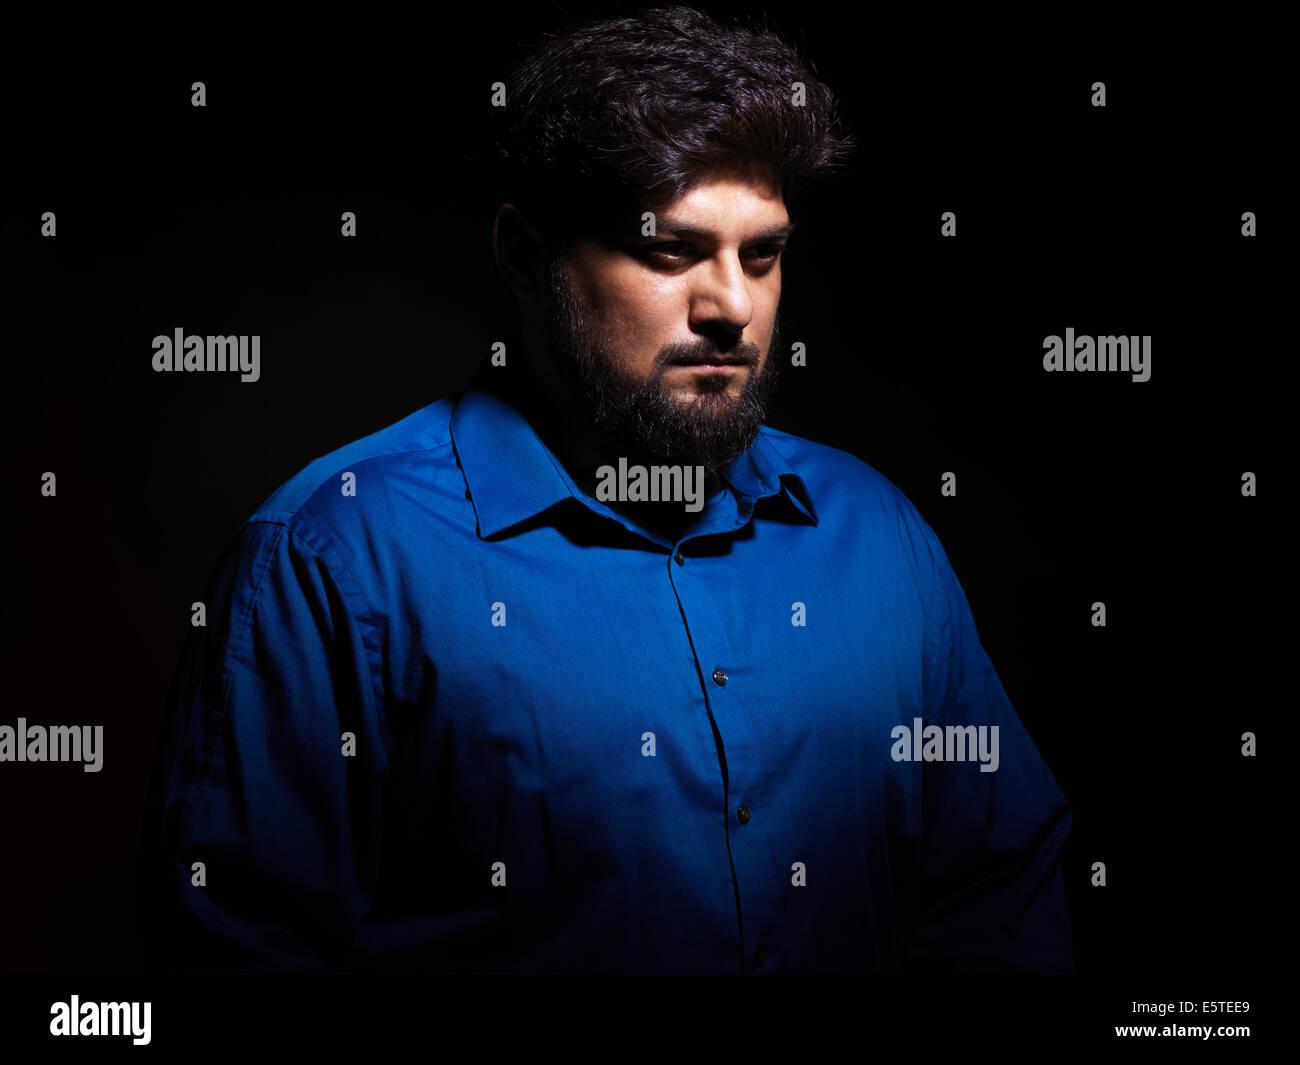 Ritratto di un uomo pakistano isolati su sfondo nero Immagini Stock